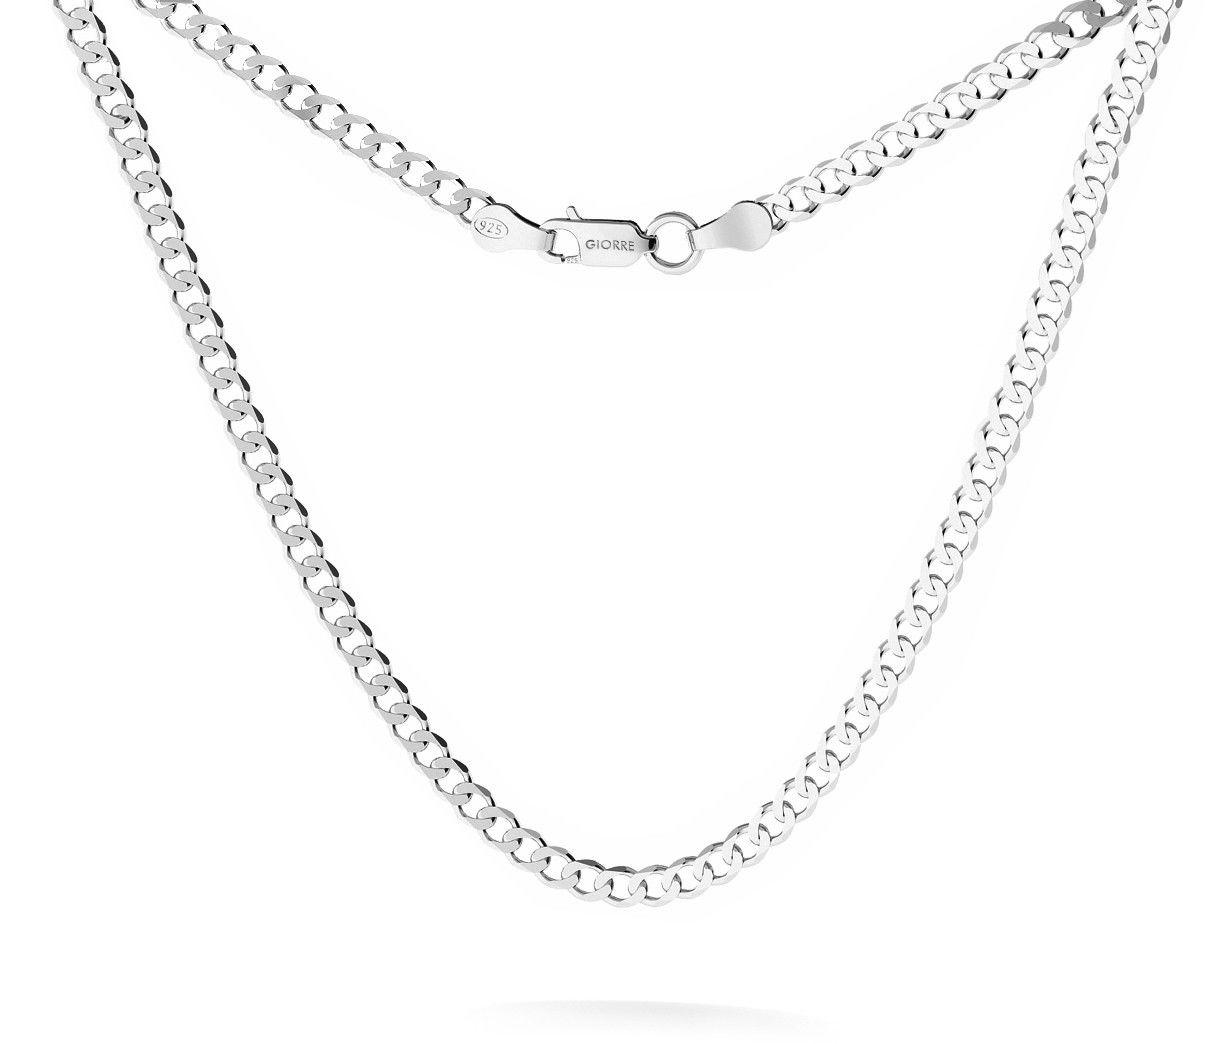 Męski łańcuszek pancerka, srebro 925 : Długość (cm) - 75, Srebro - kolor pokrycia - Pokrycie platyną